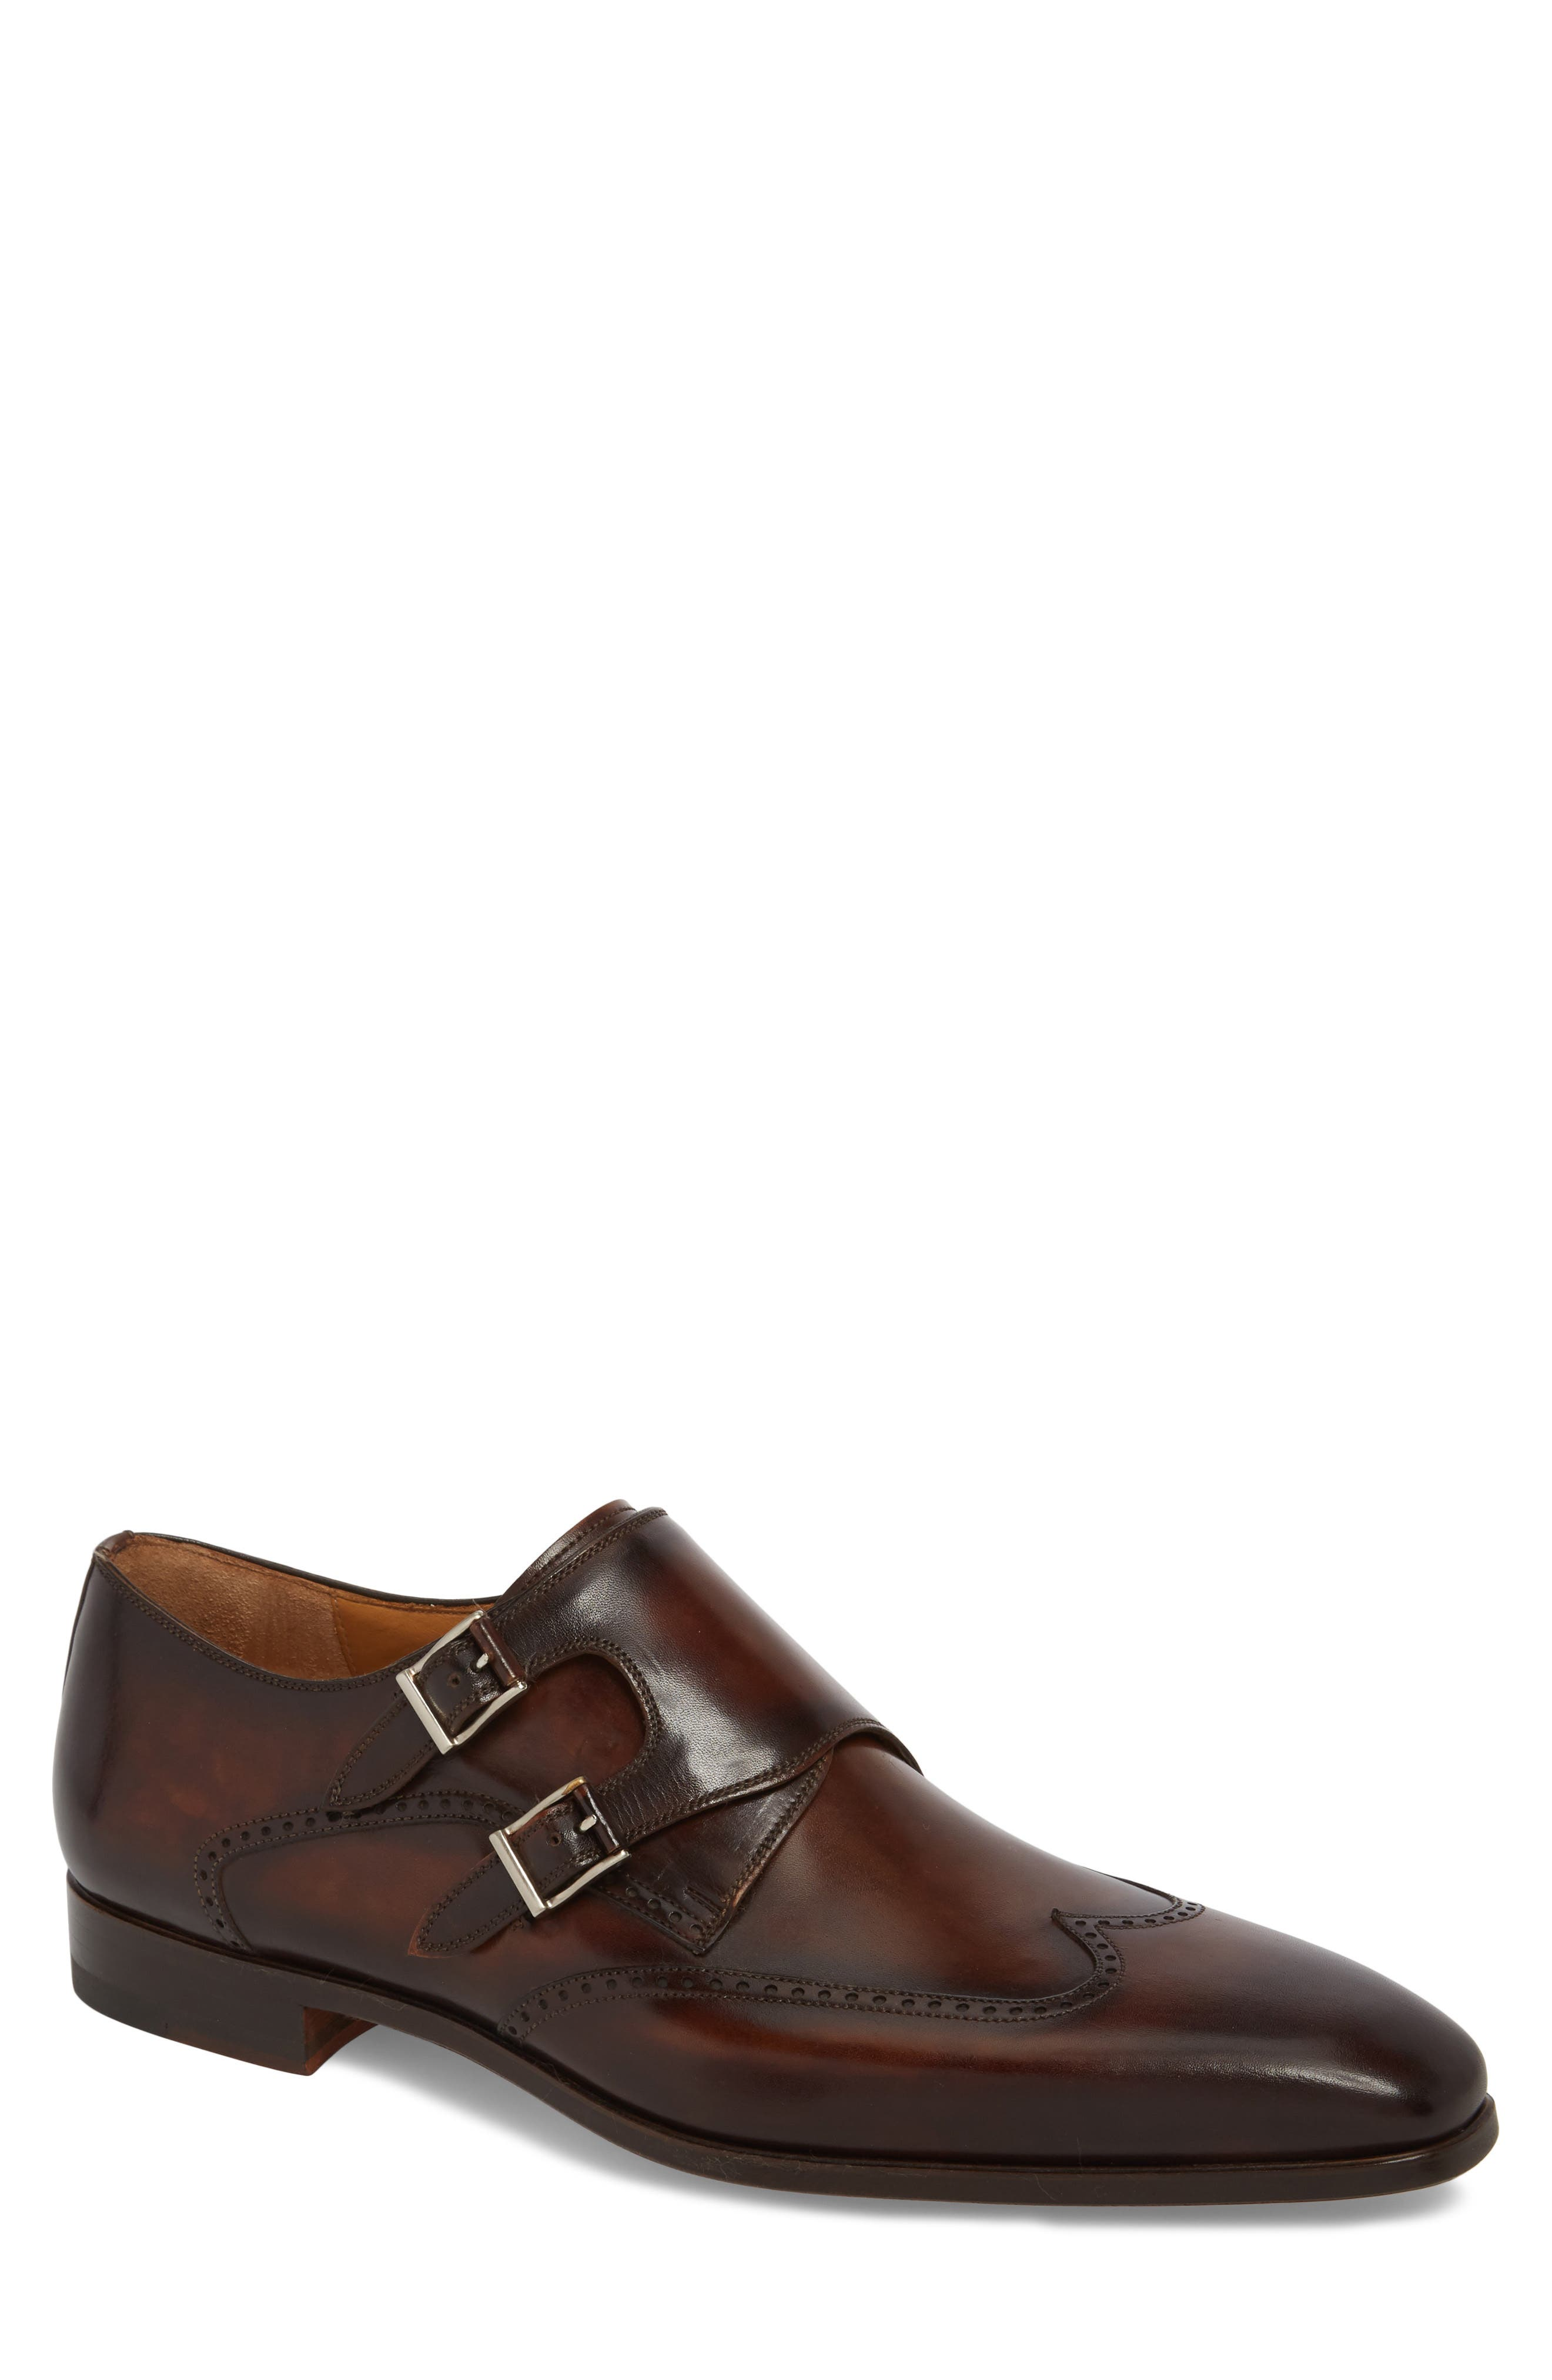 Dixon Wingtip Double Strap Monk Shoe,                         Main,                         color, Tobacco Leather